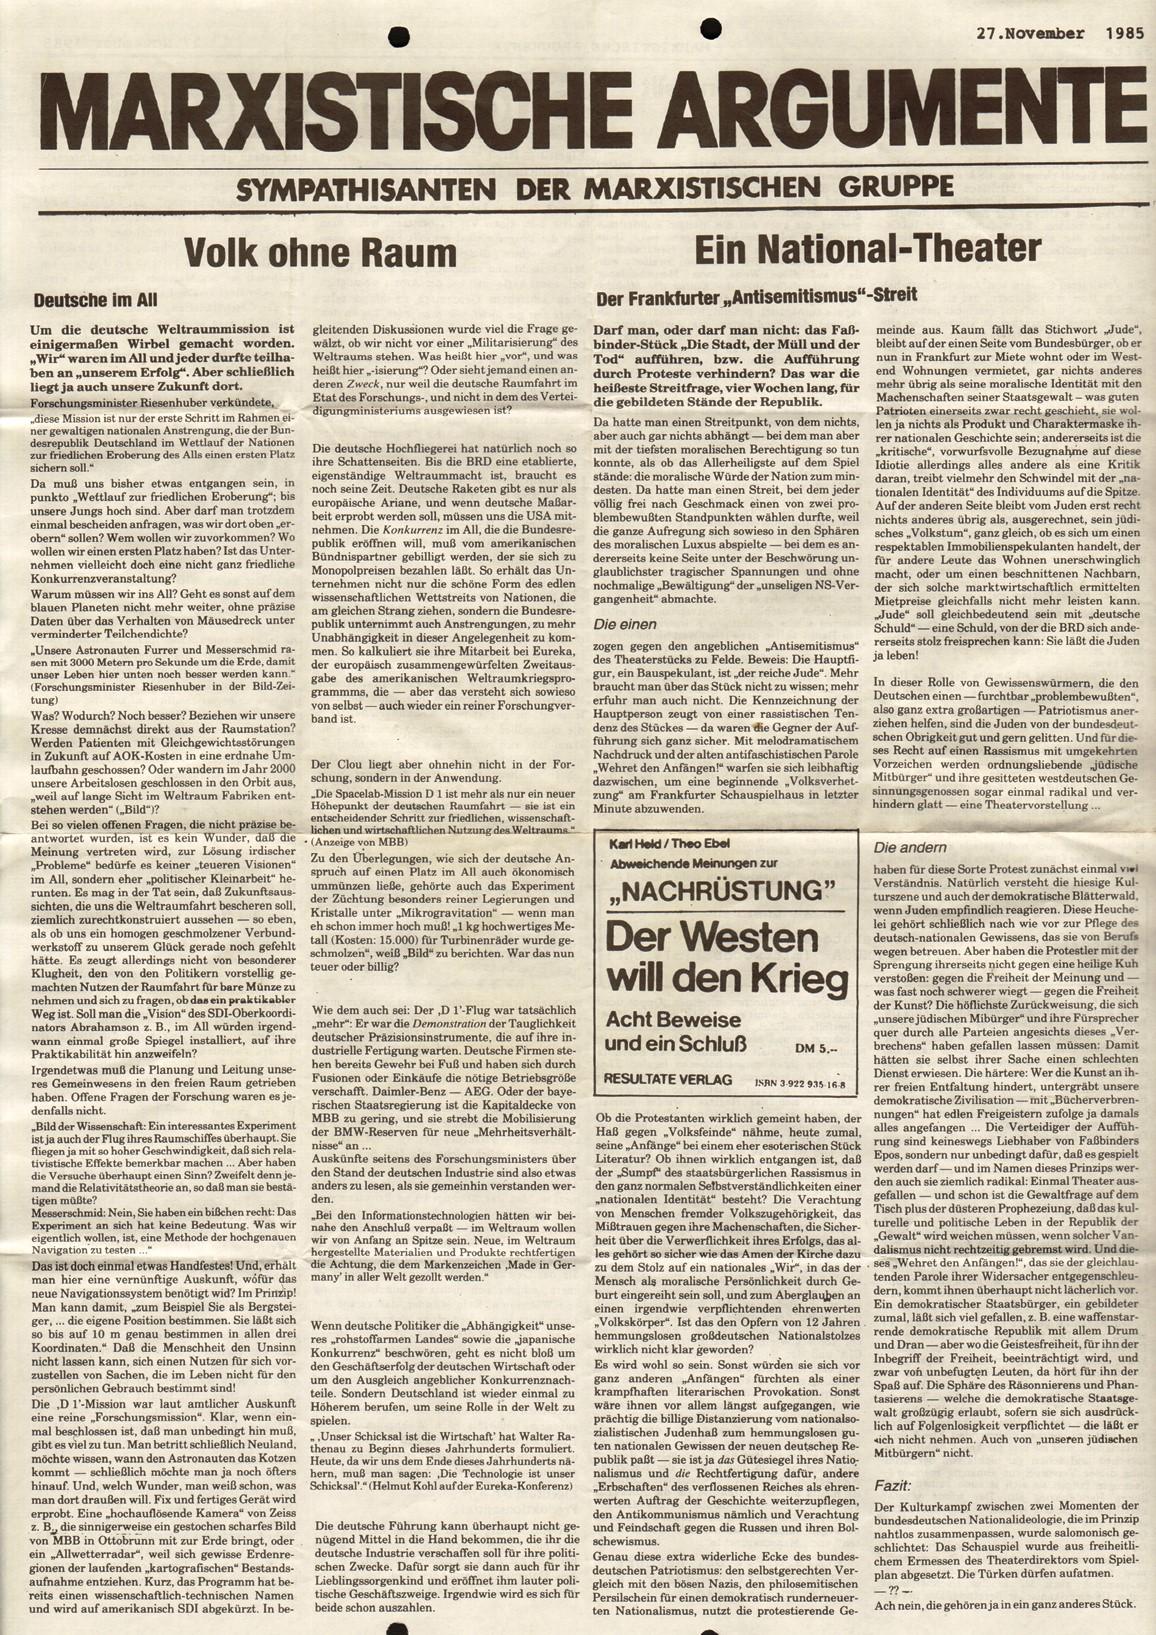 Berlin_MG_Symp_Argumente_19851127_01